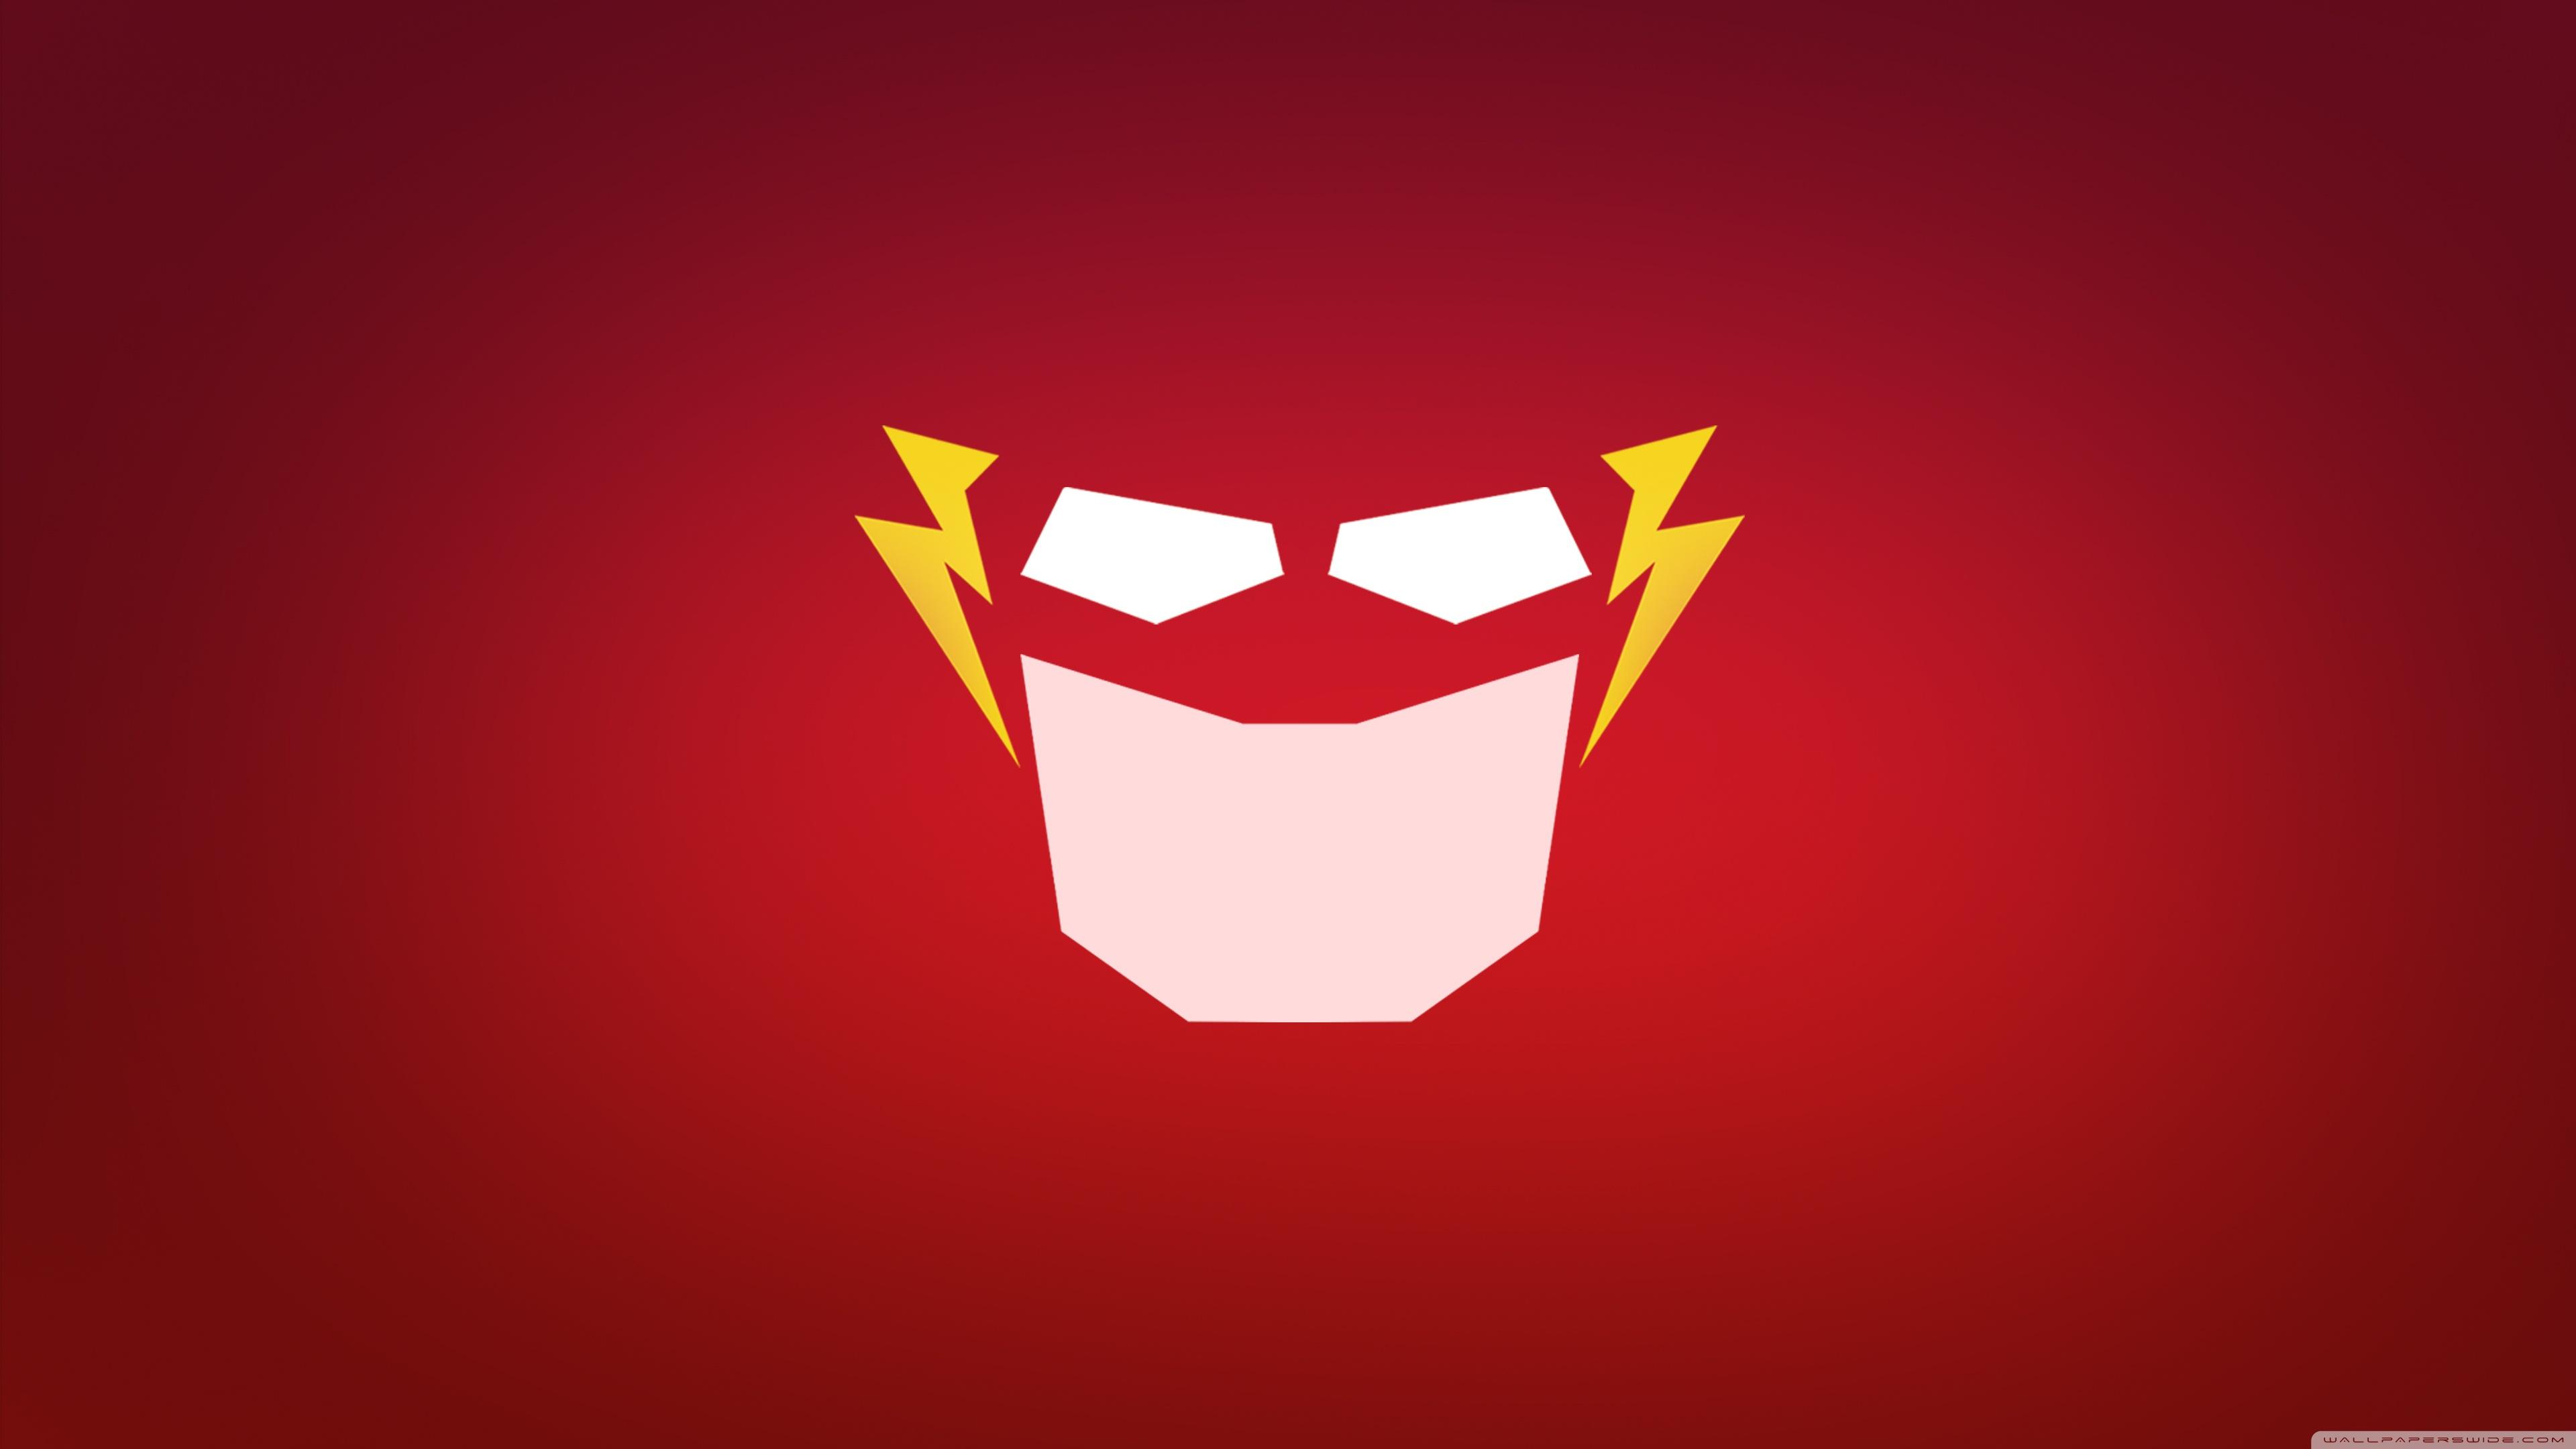 Wallpaper Weekends The Flash Returns MacTrast 3840x2160